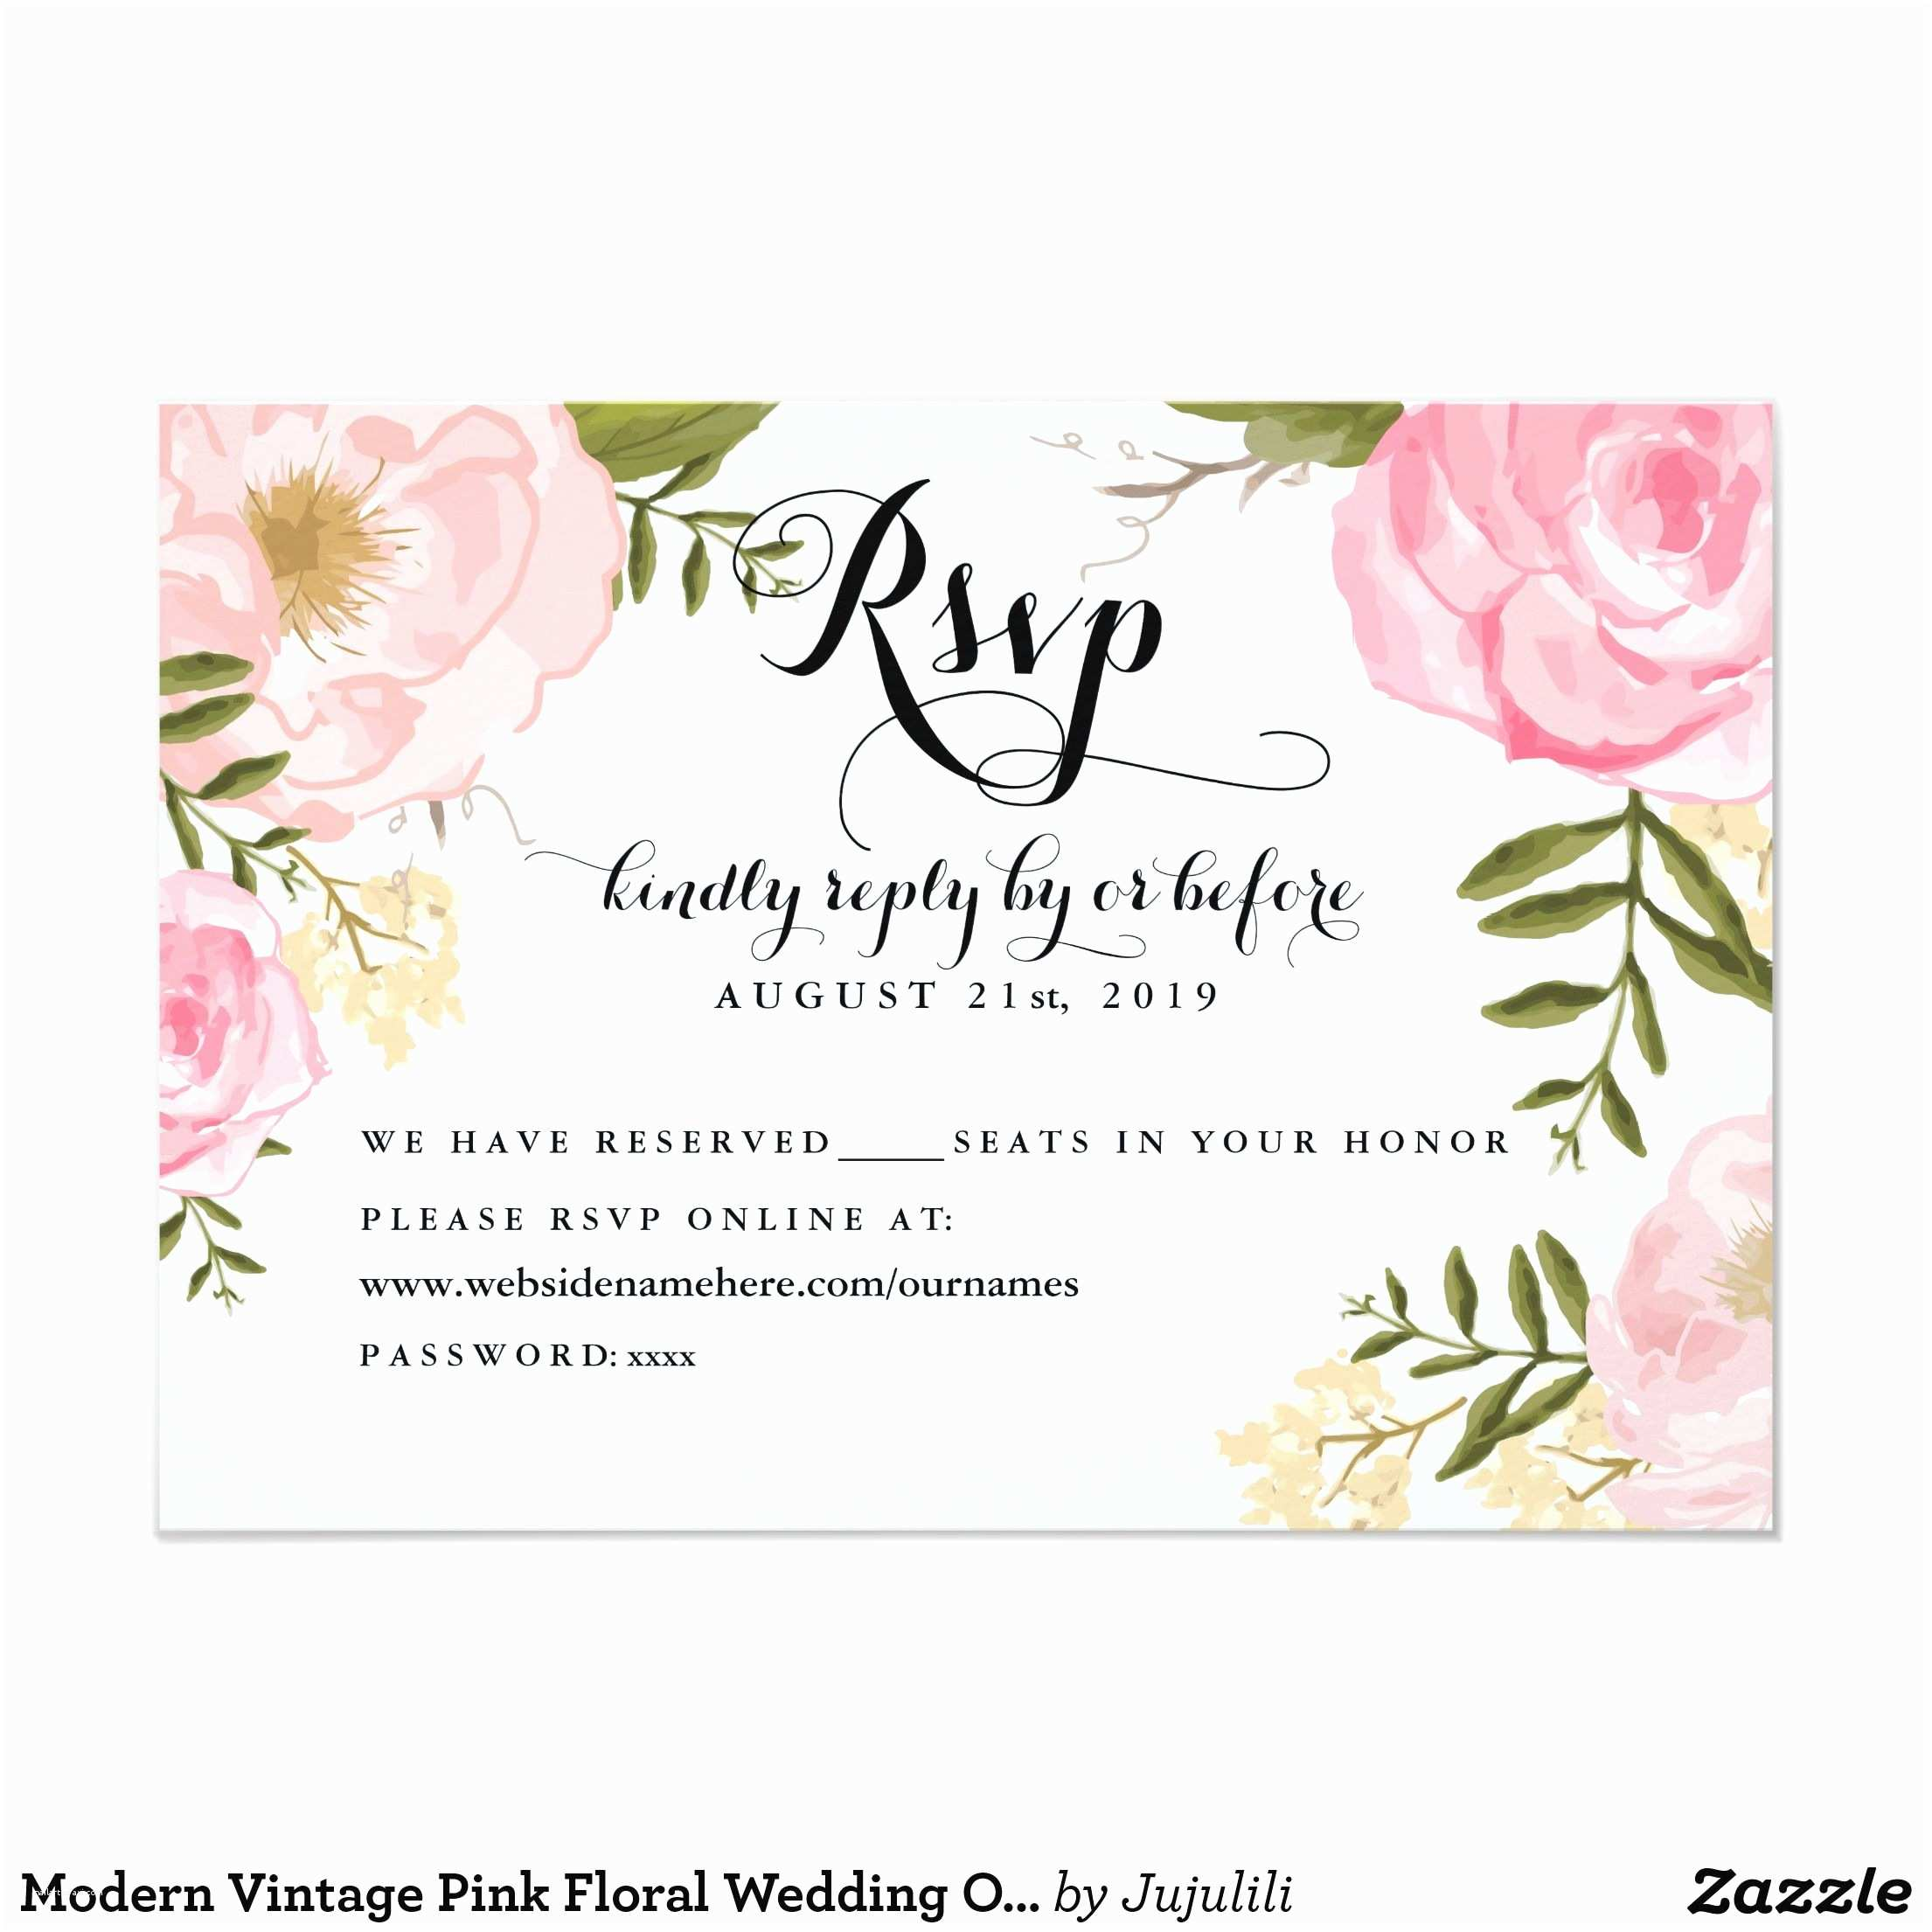 Wedding Invitations and Rsvp Modern Vintage Pink Floral Wedding Line Rsvp 3 5x5 Paper